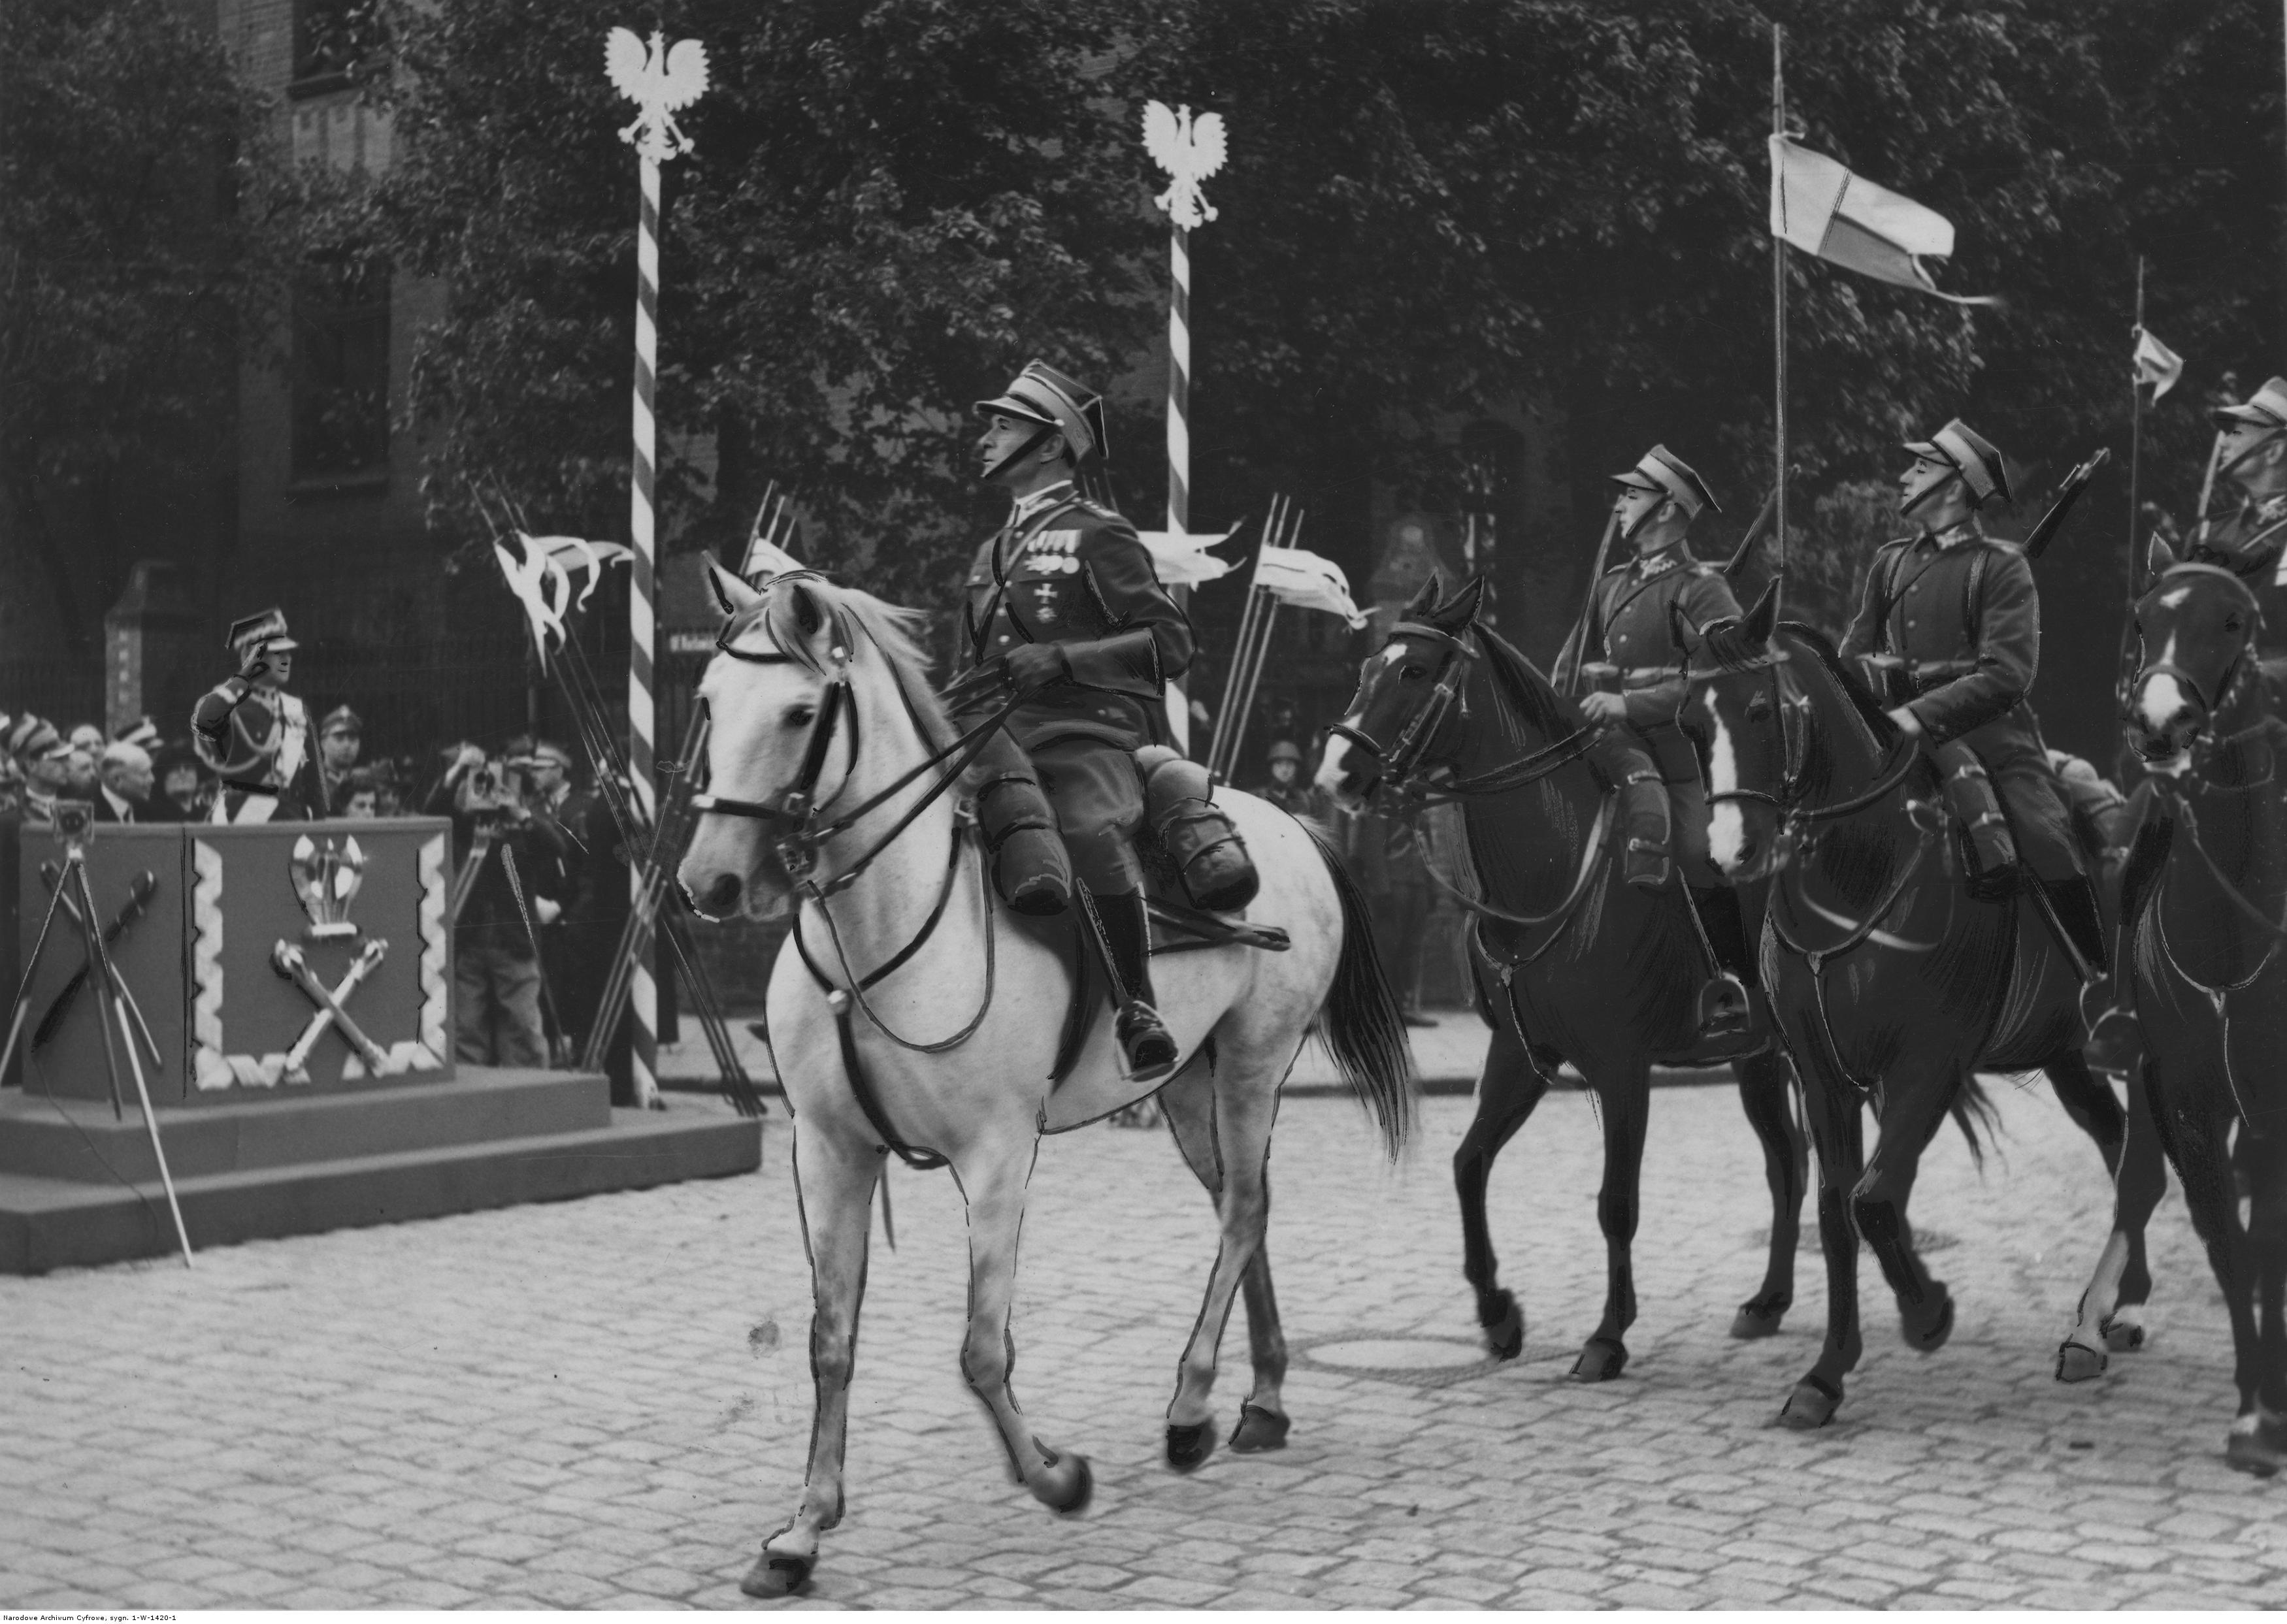 grupa żołnierzy na koniach defiluje przed trybuną na której stoi marszałek